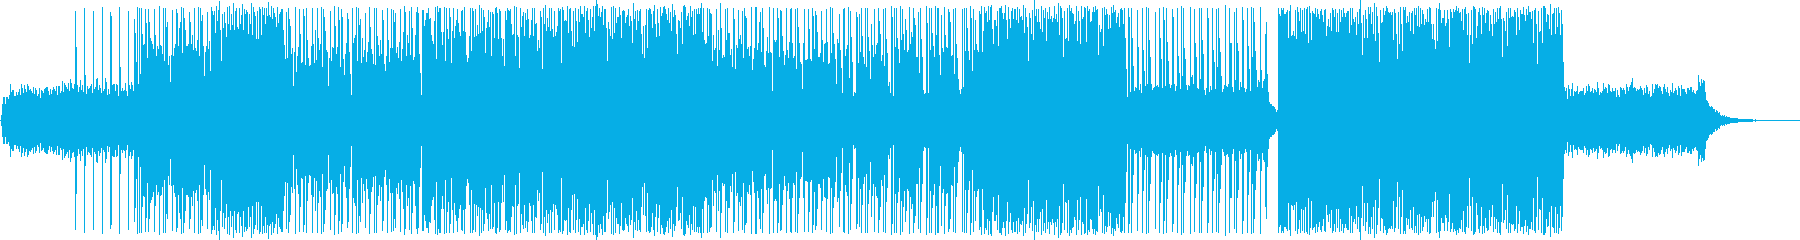 ヒップホップ/ラップ/王道/ヘビー/#2の再生済みの波形